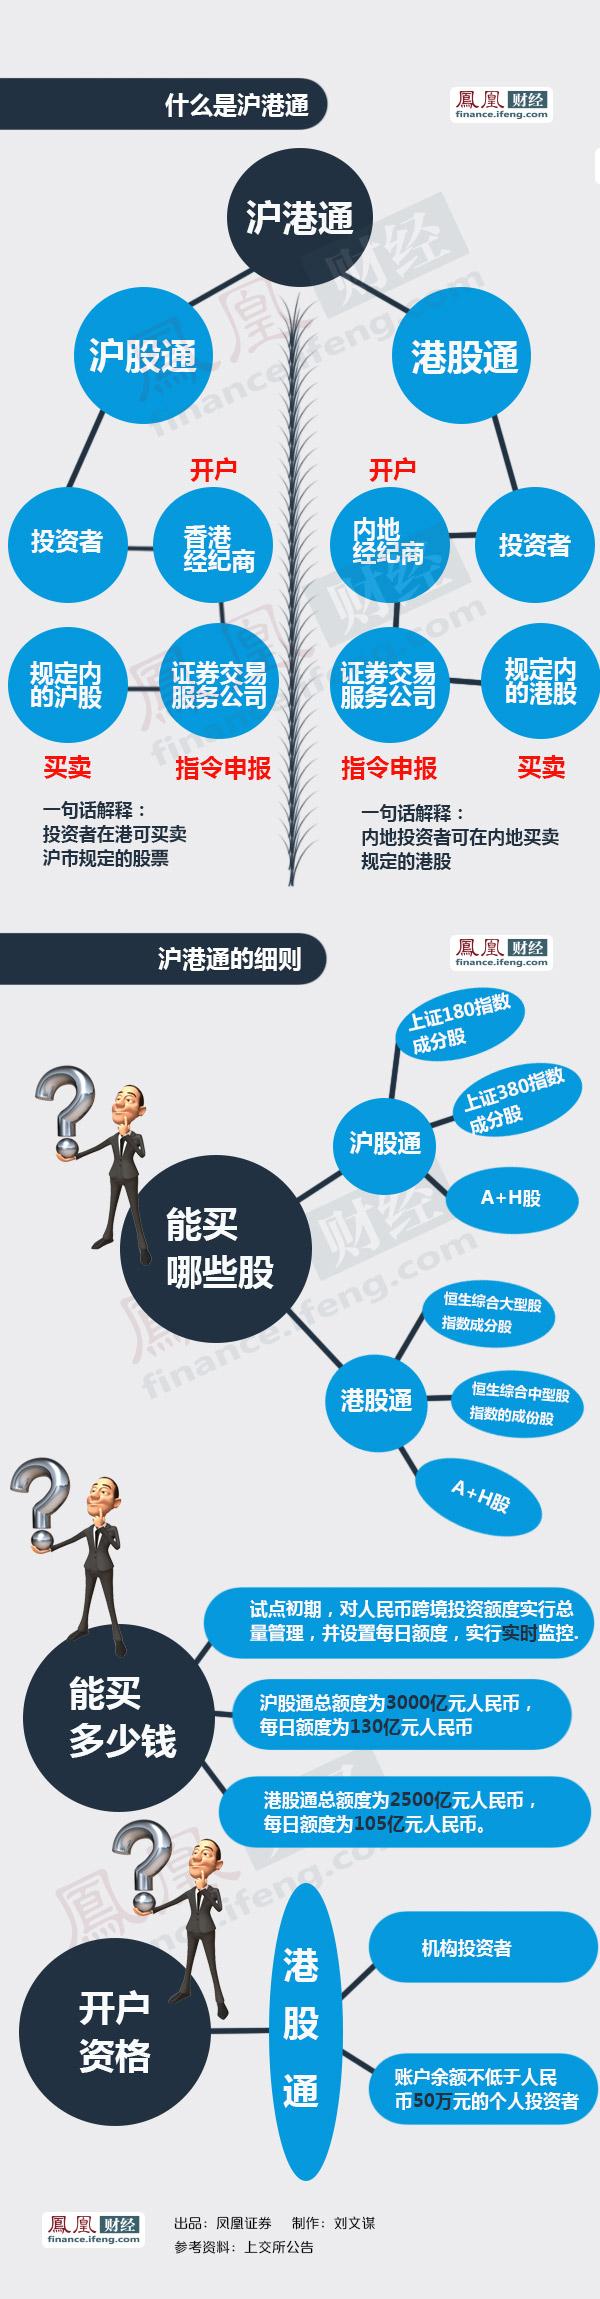 什么是港股通 - zhaozhao - zhaozhao的博客